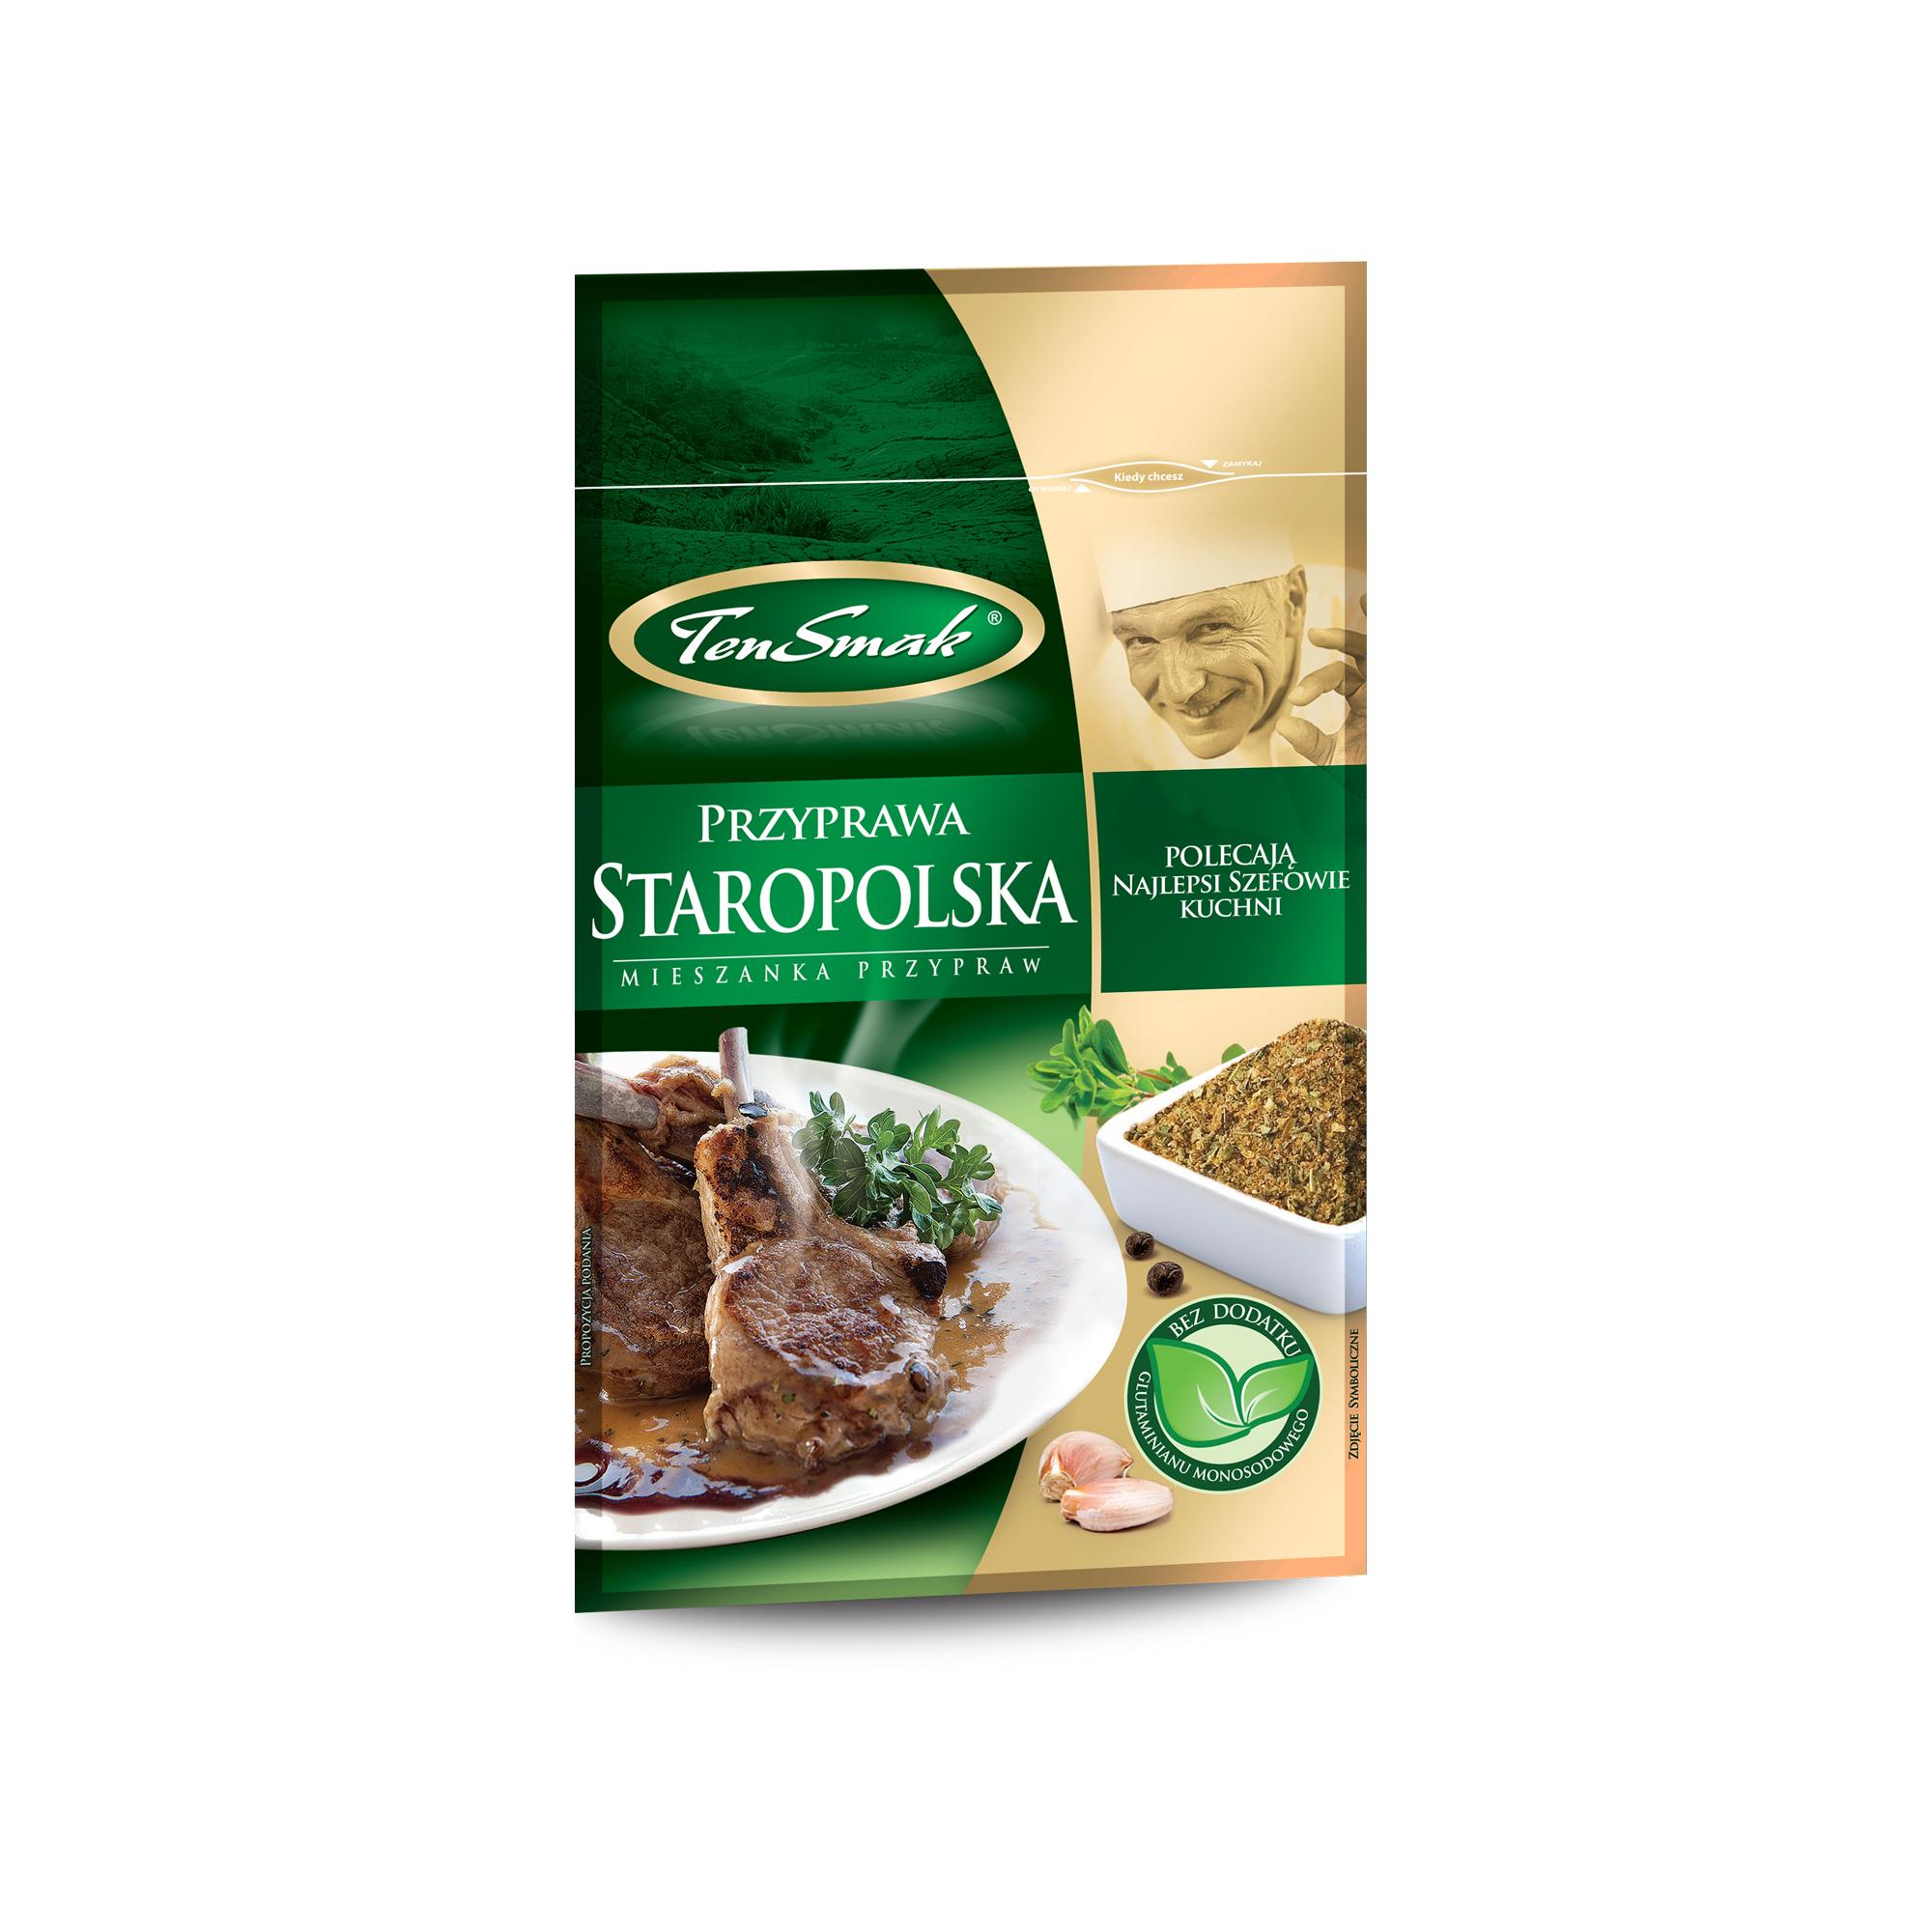 Przyprawa Staropolska 30 G Szczegoly Produktu Emerkury